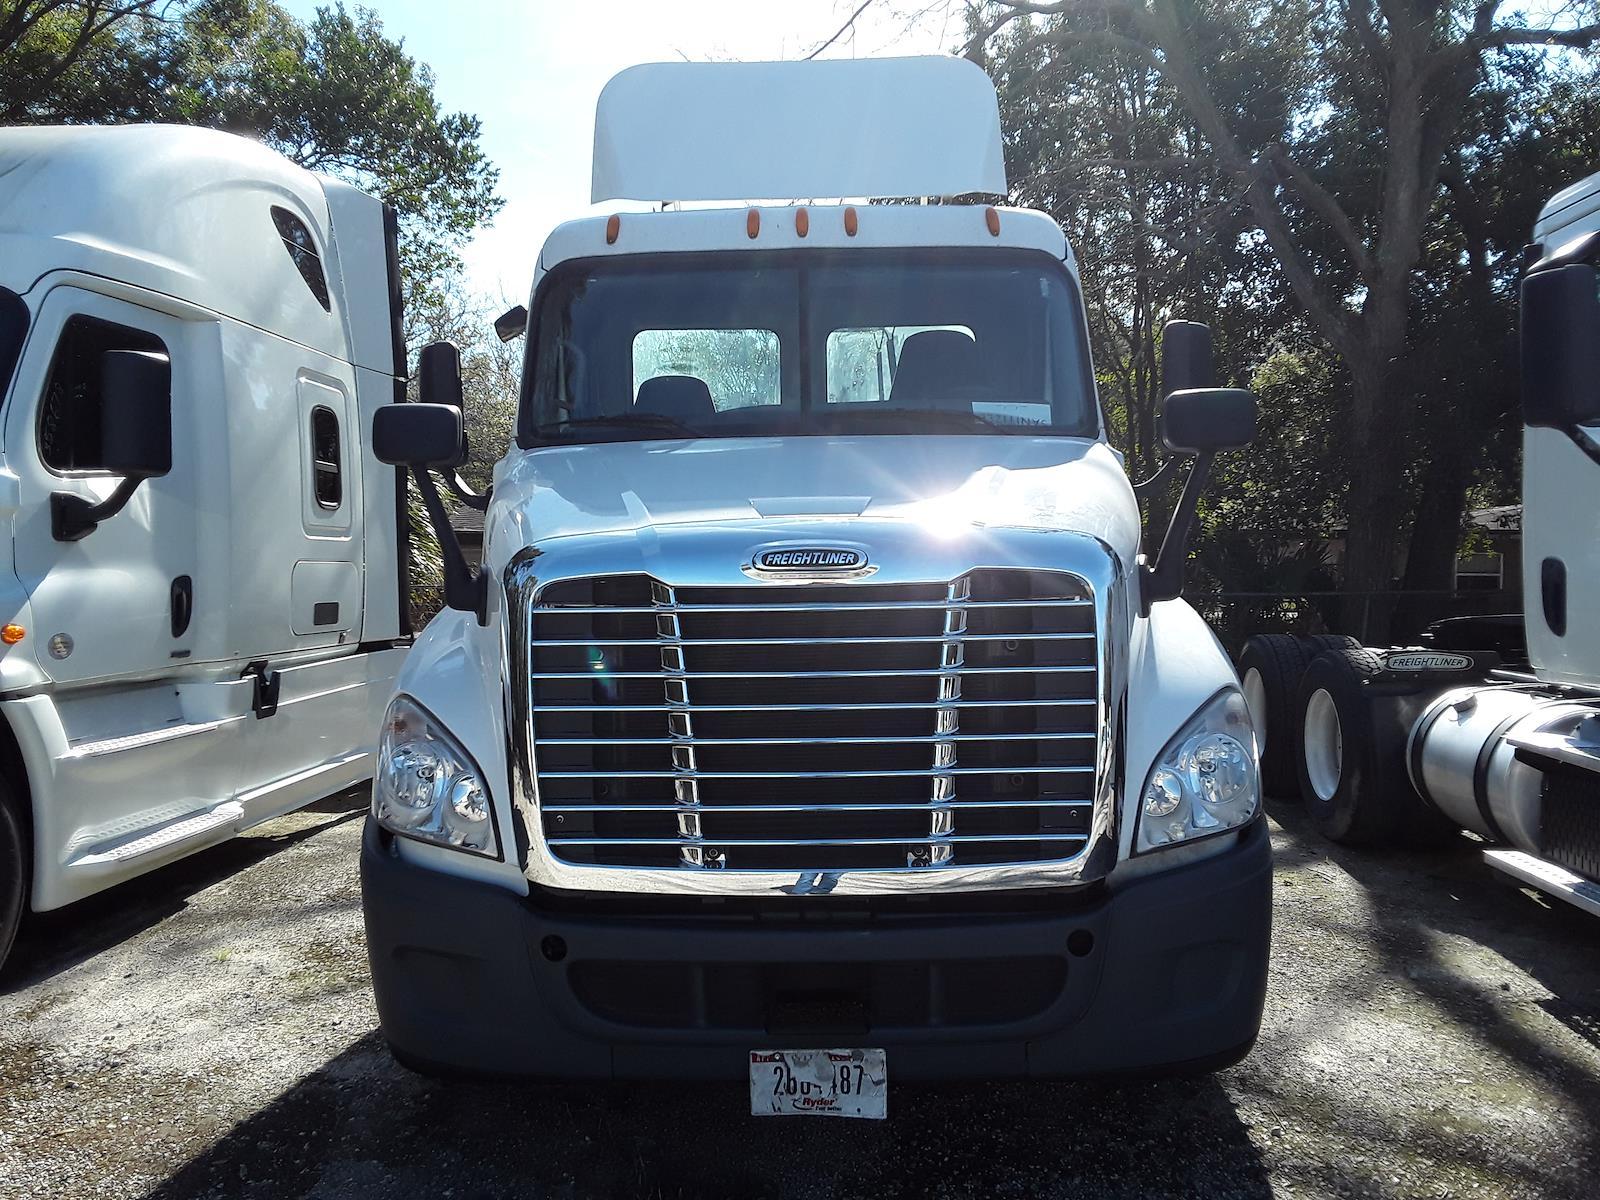 2014 Freightliner Truck 6x4, Tractor #552803 - photo 1